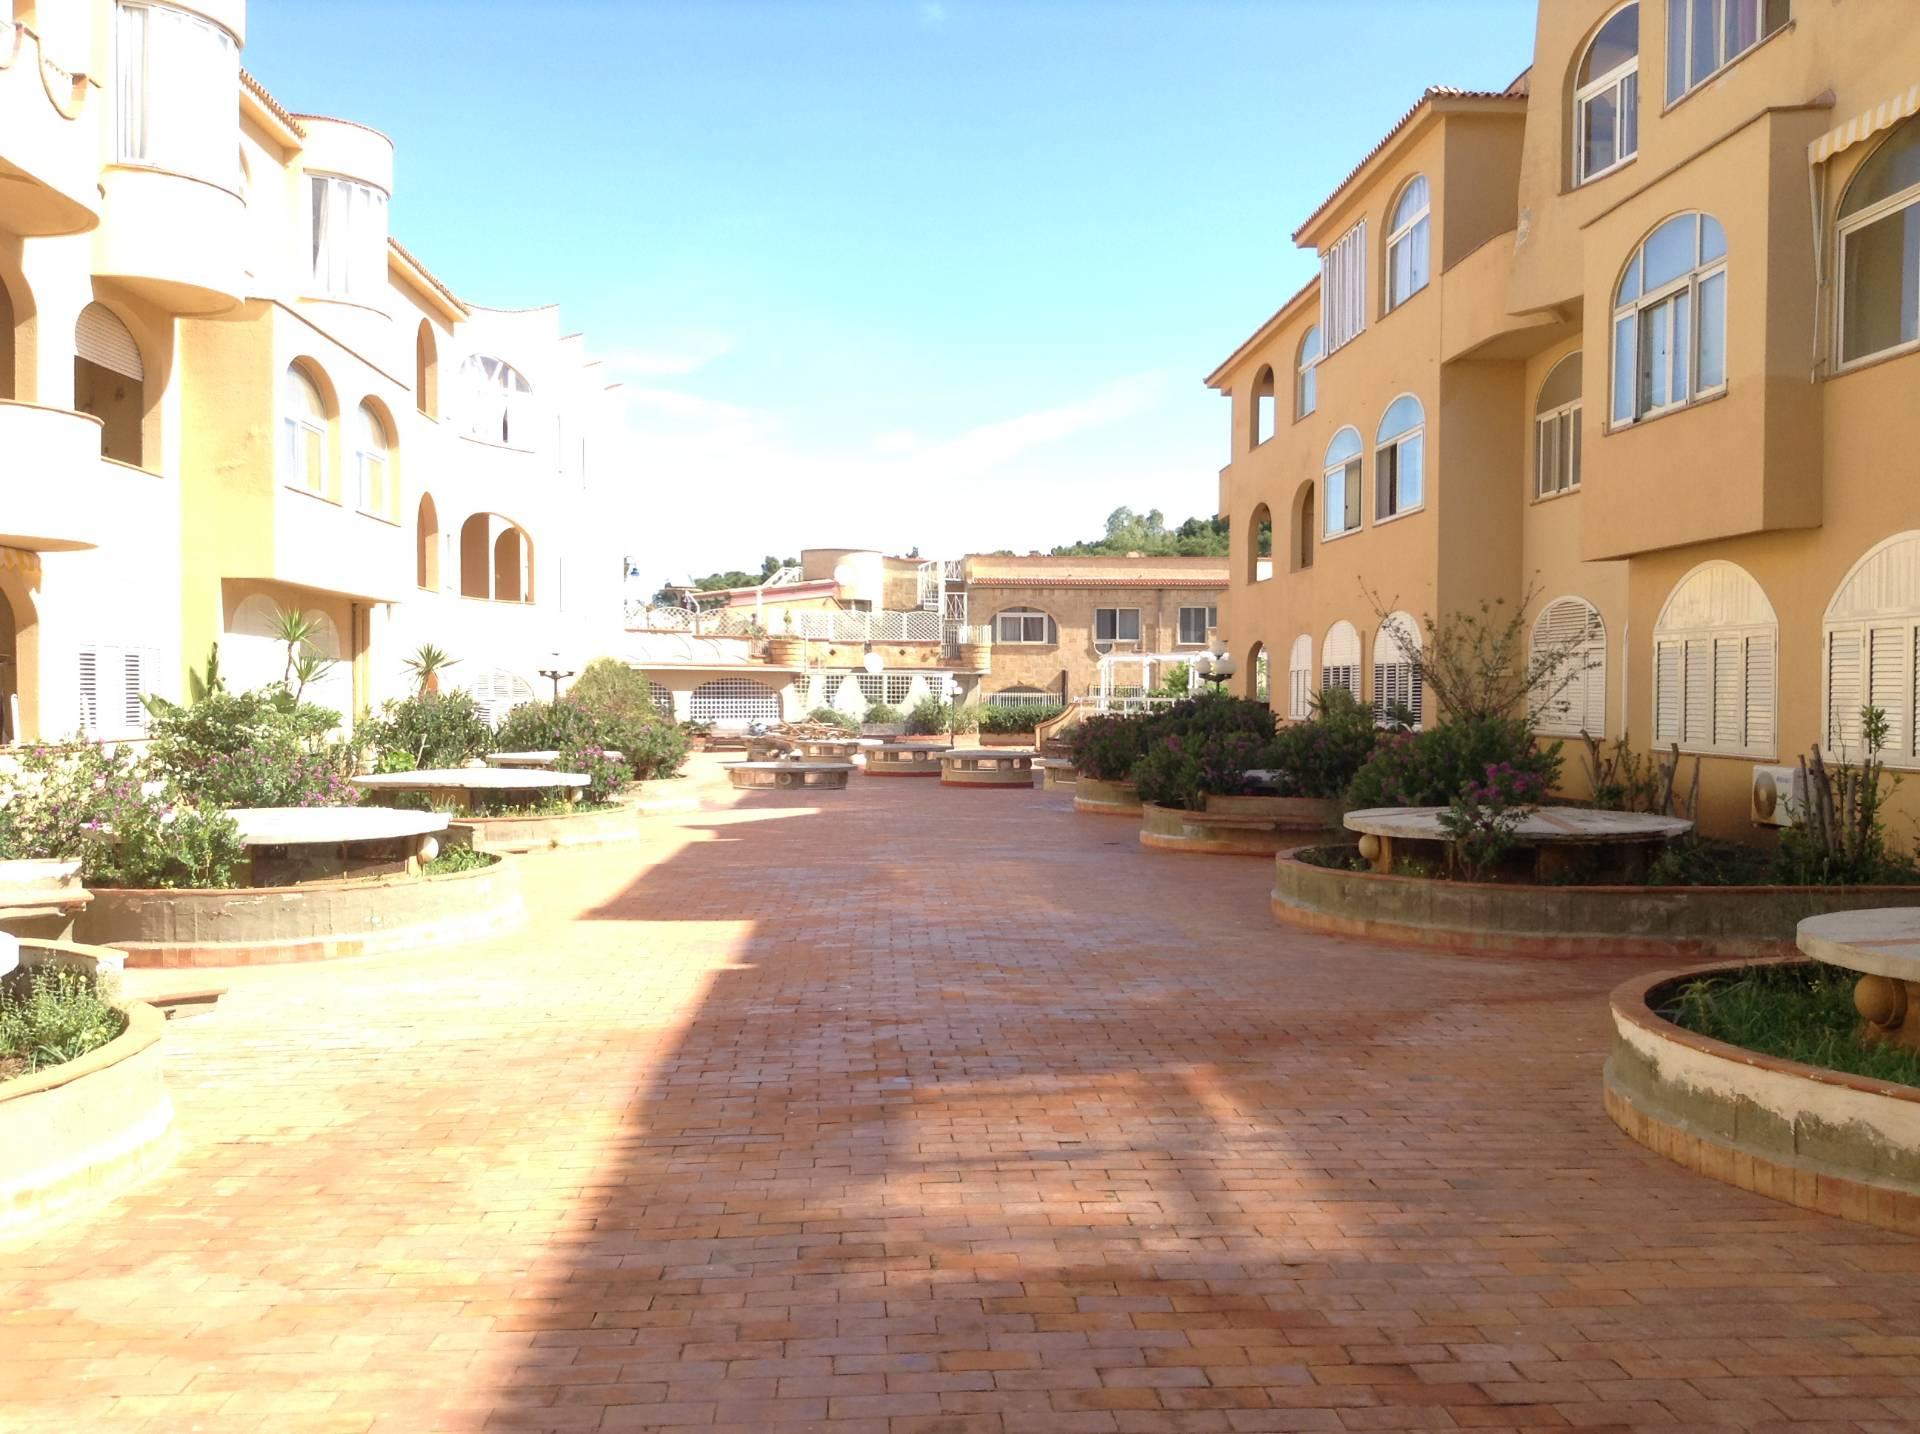 Bilocale Palermo Via Capo Gallo 5